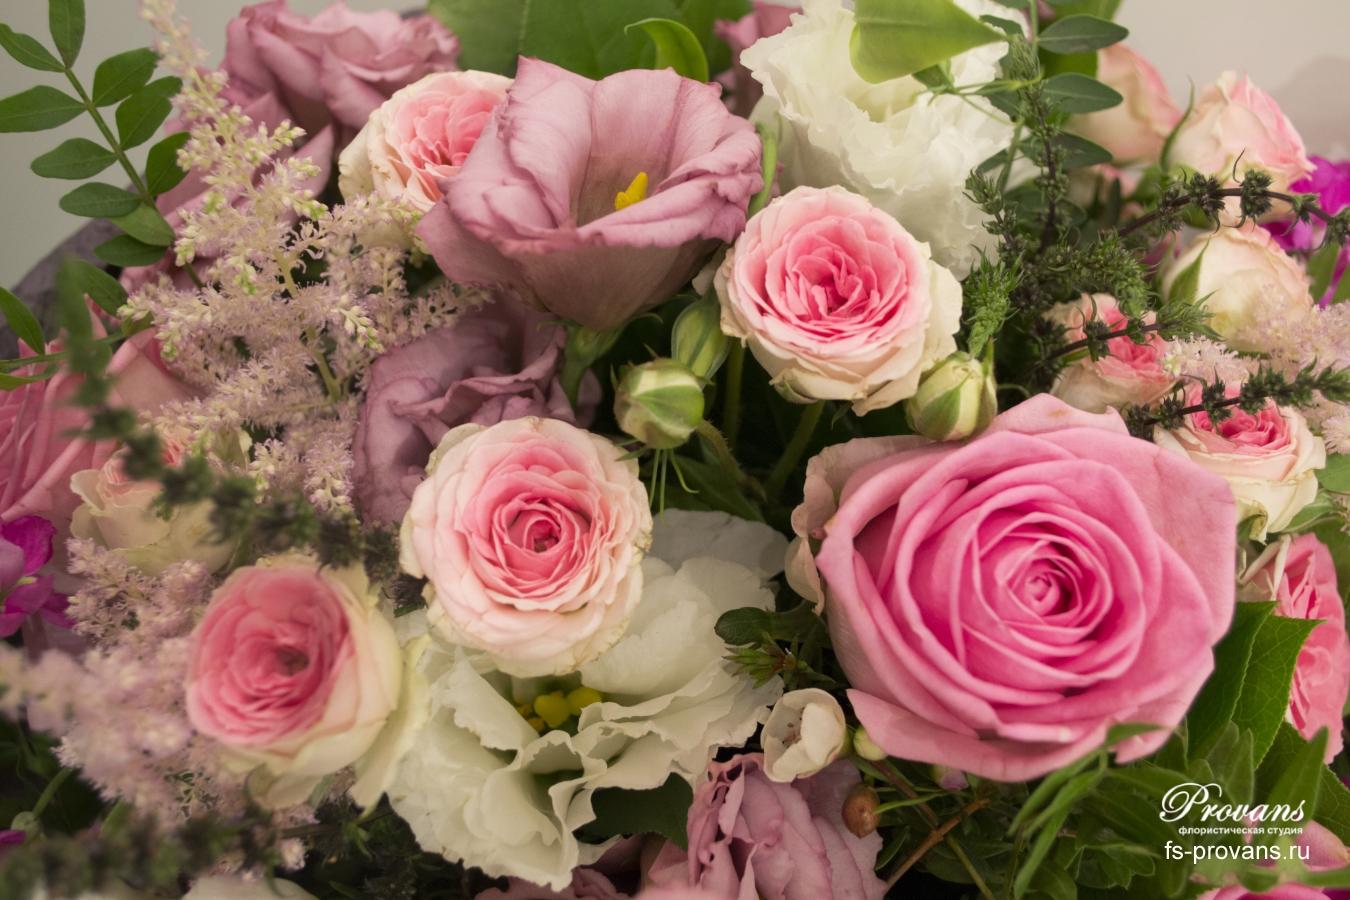 Букет на день рождения. Розы, эустома, астильба, мята